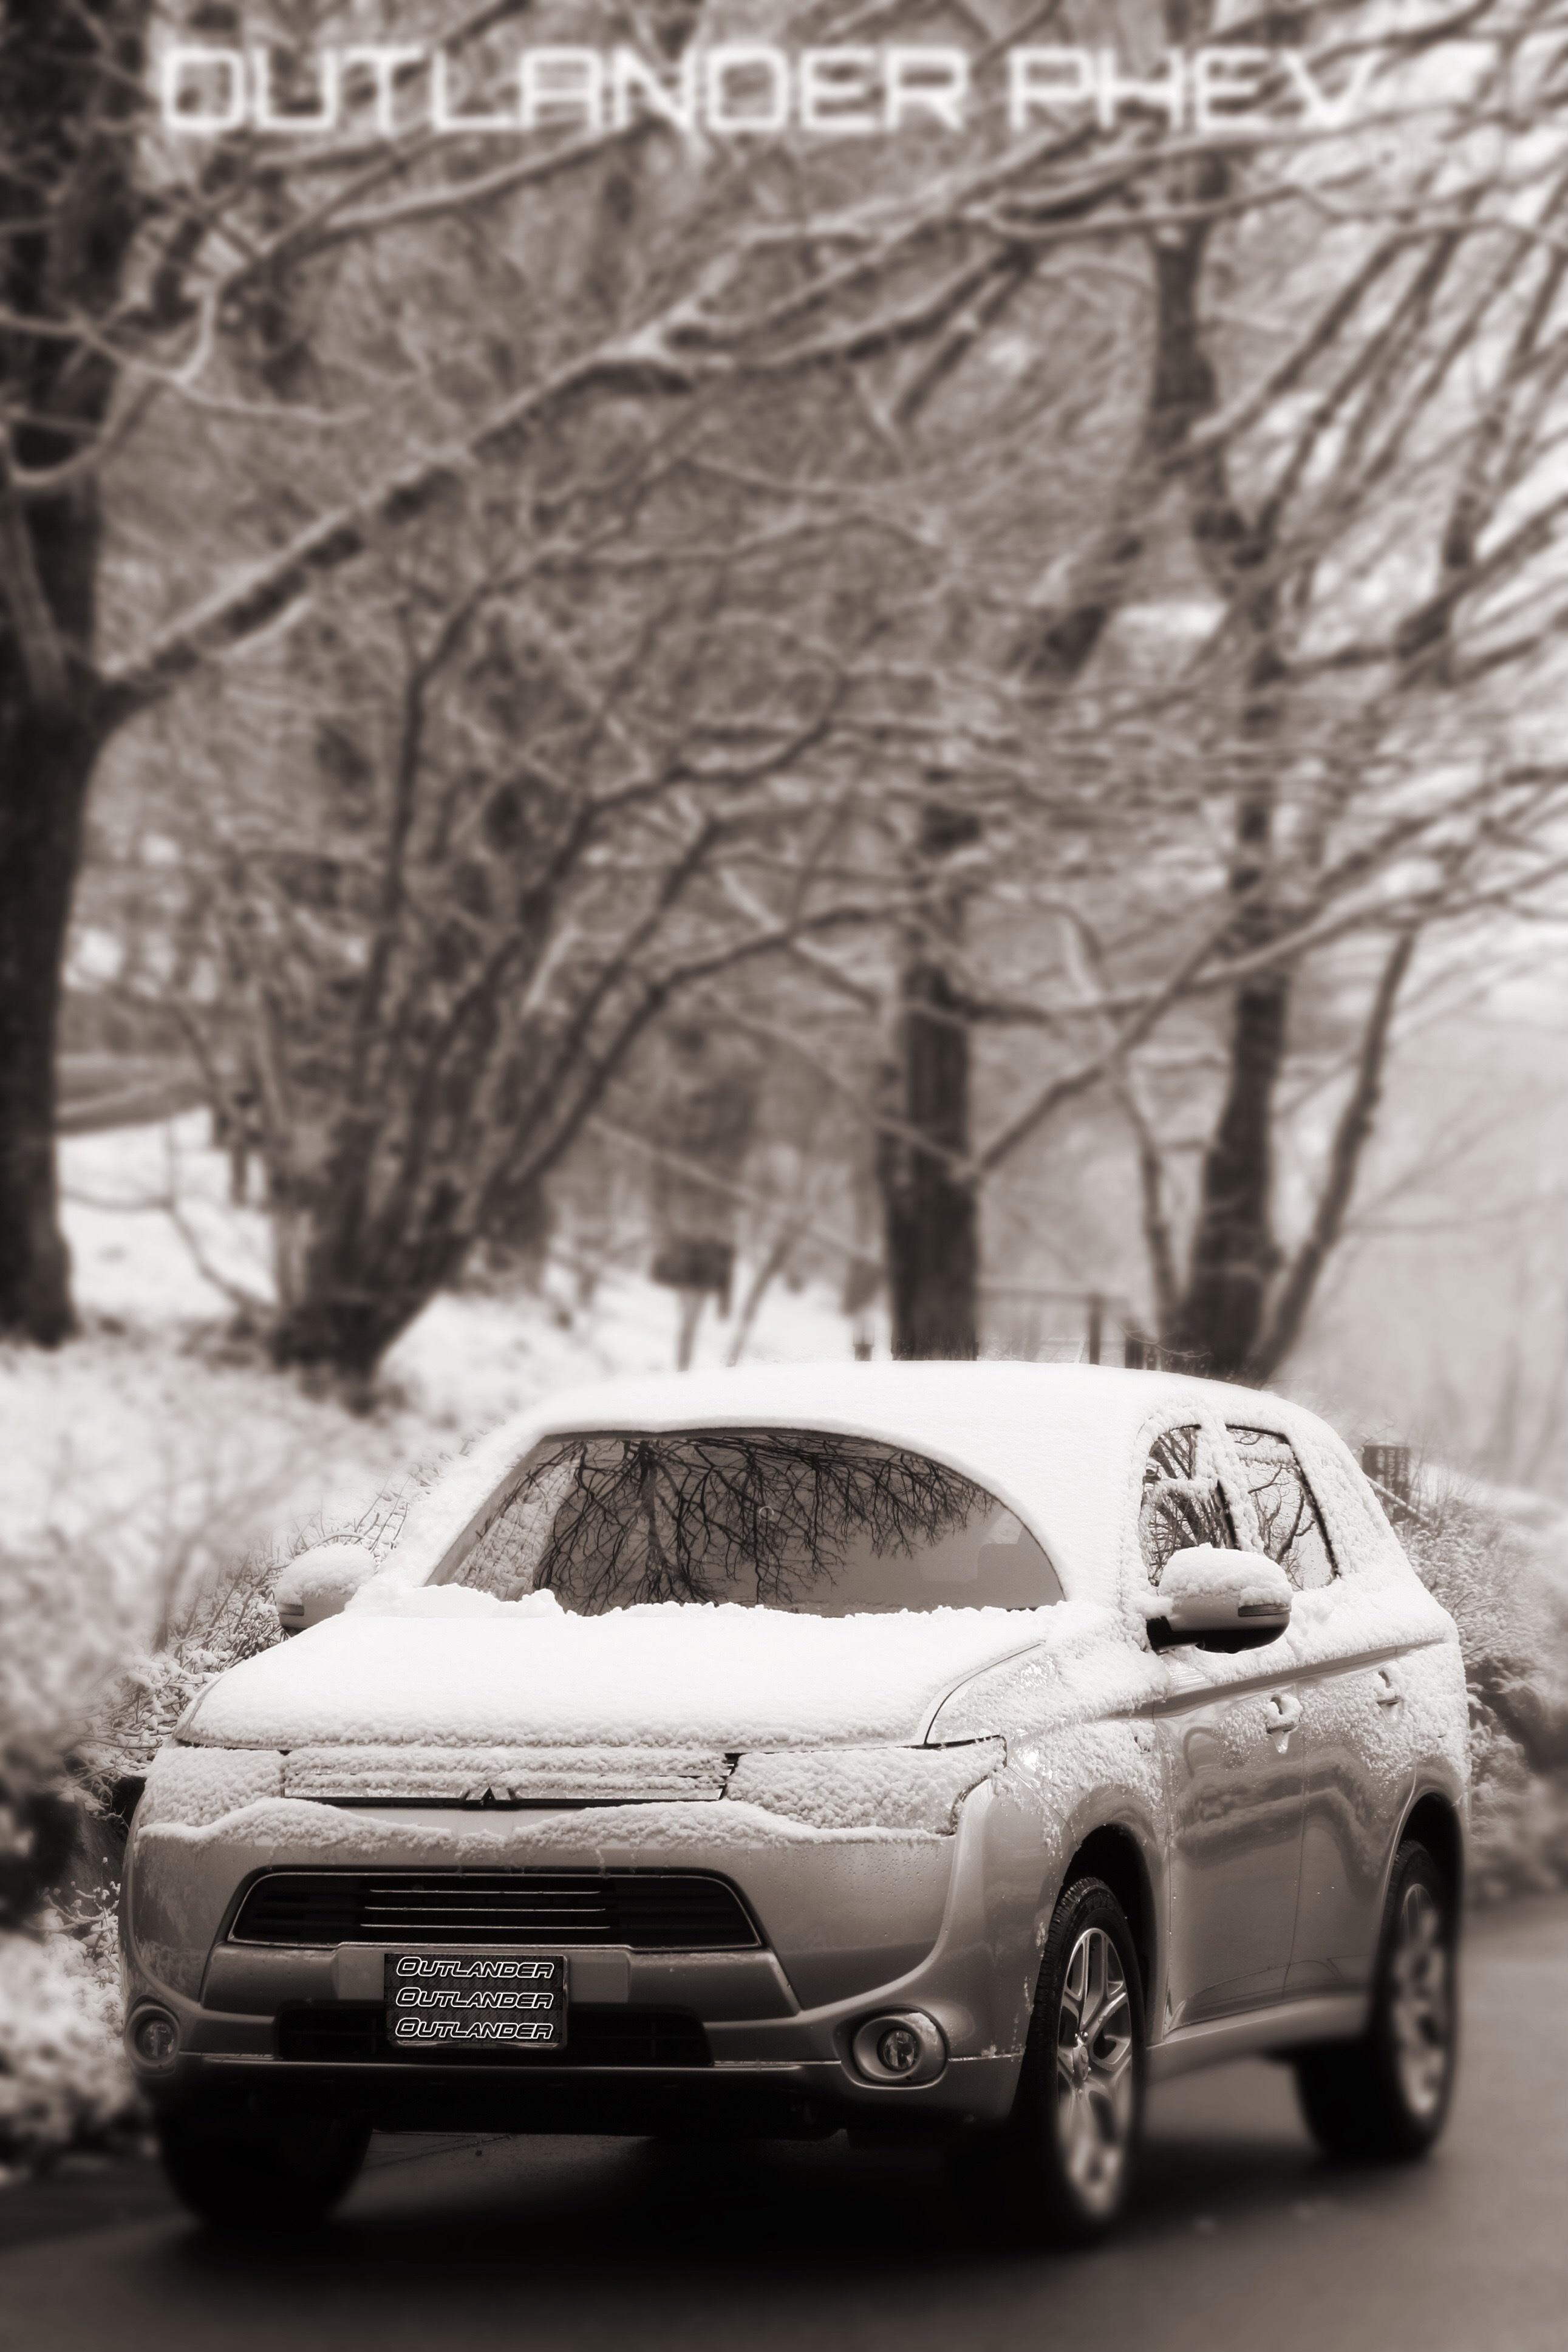 アウトランダーPHEV 雪写真